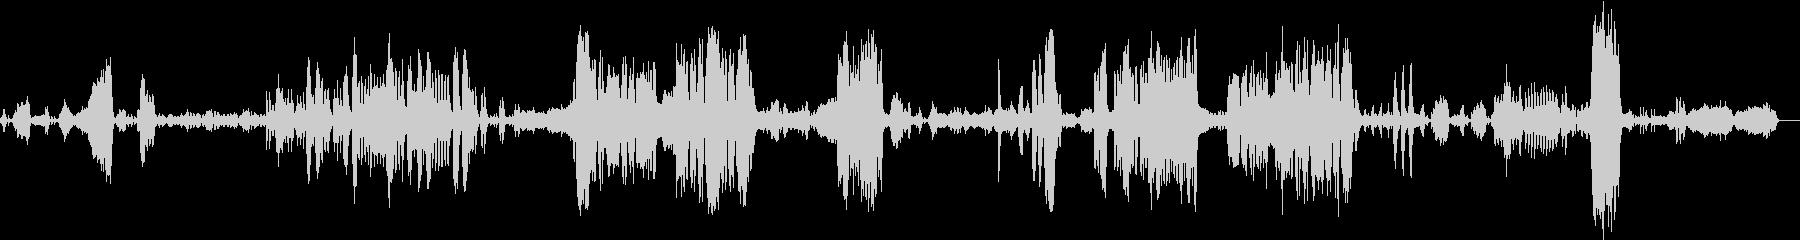 リヒャルト・ワーグナーのカバーの未再生の波形